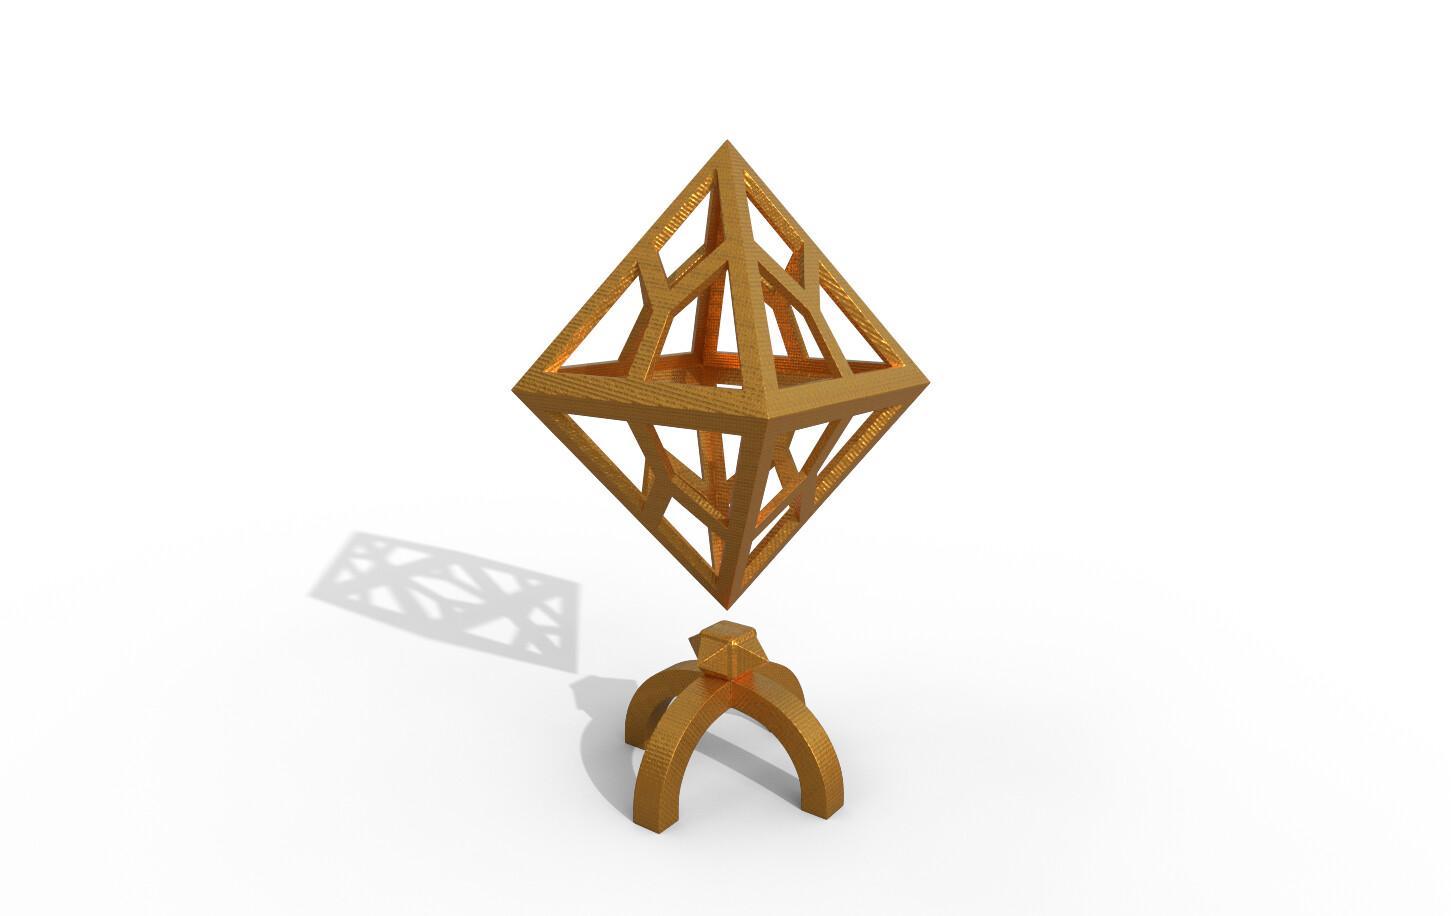 Joseph moniz cube001p